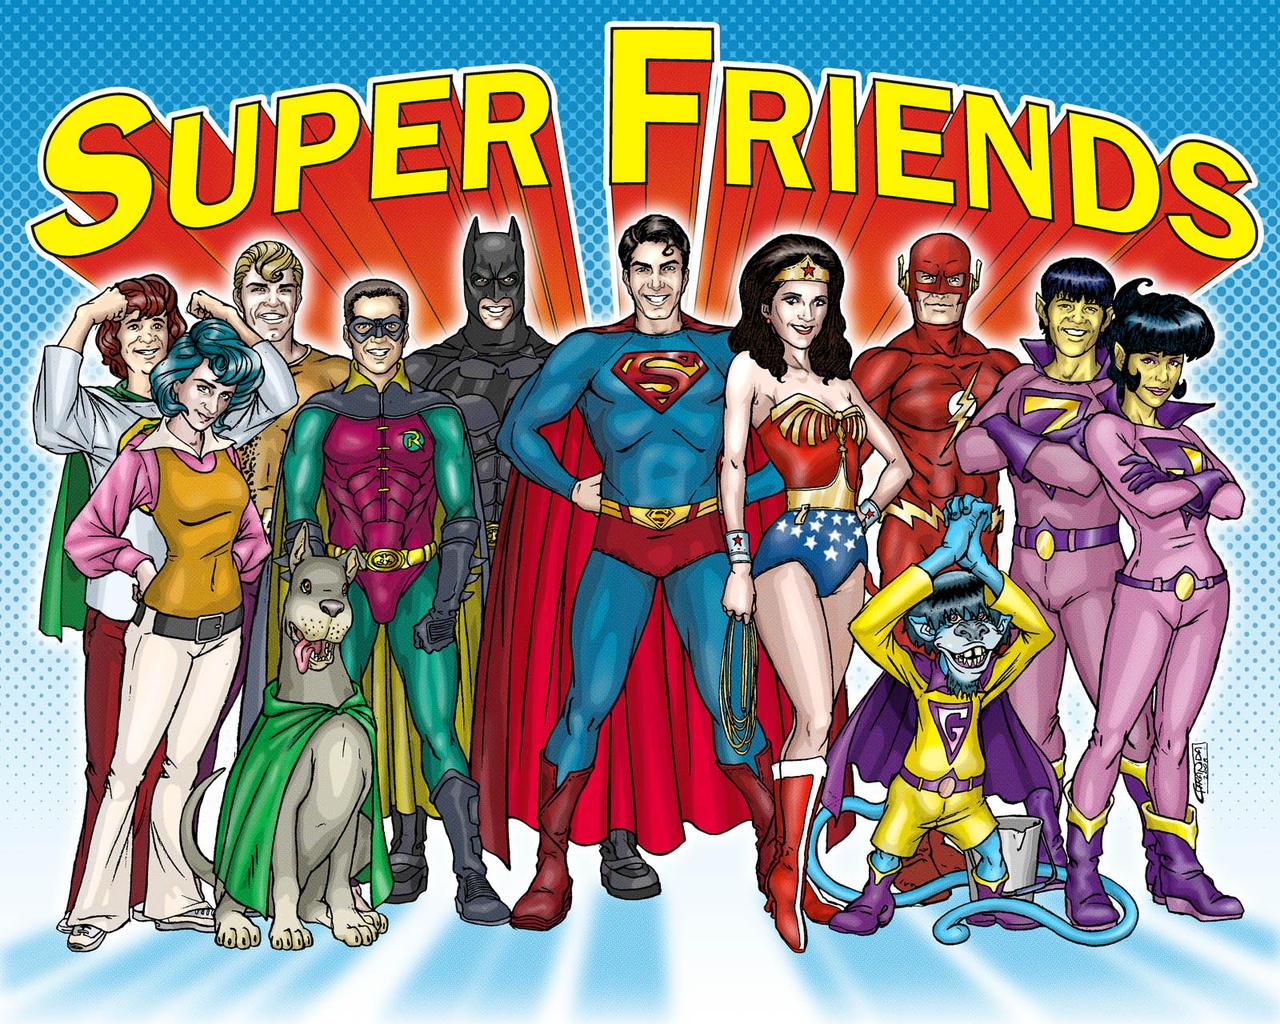 Cartoon sex super friends